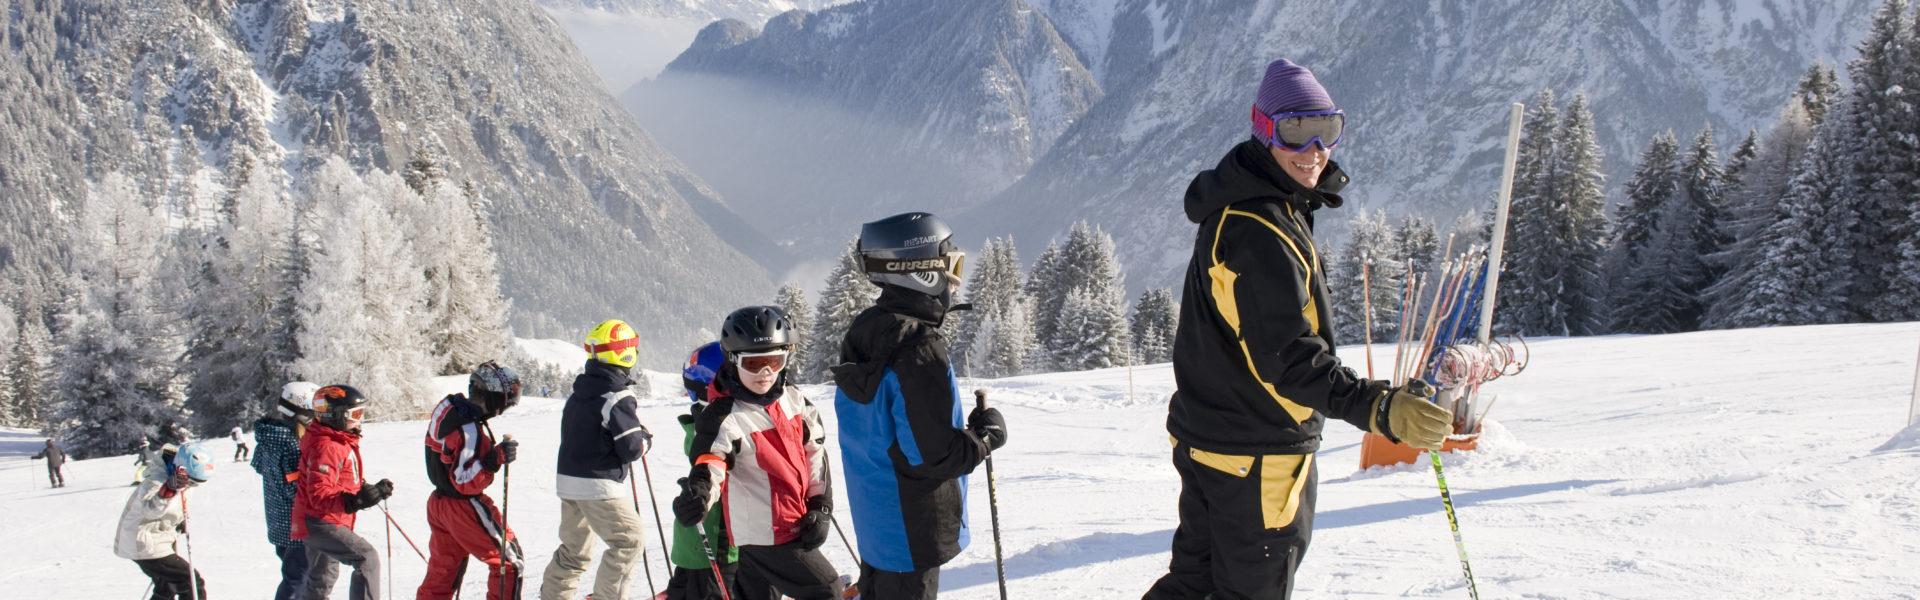 Familienhotel Lagant Brandnertal, Skifahren © Schwärzler Hotel Managment